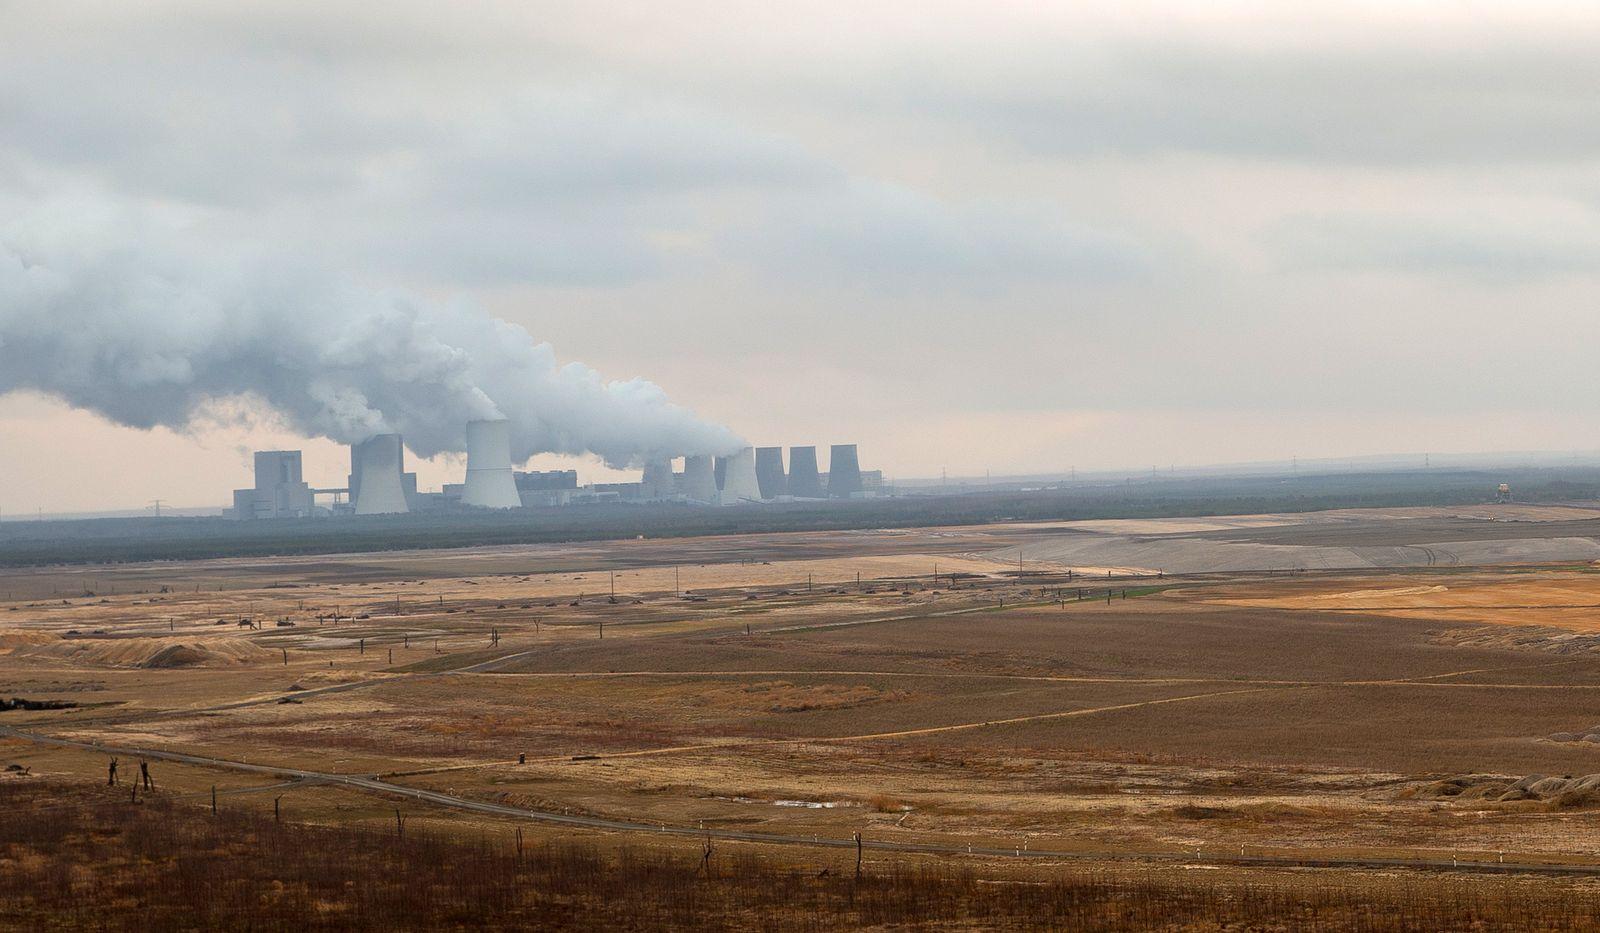 Umweltschutzaktivisten protestieren gegen die Klimapolitik